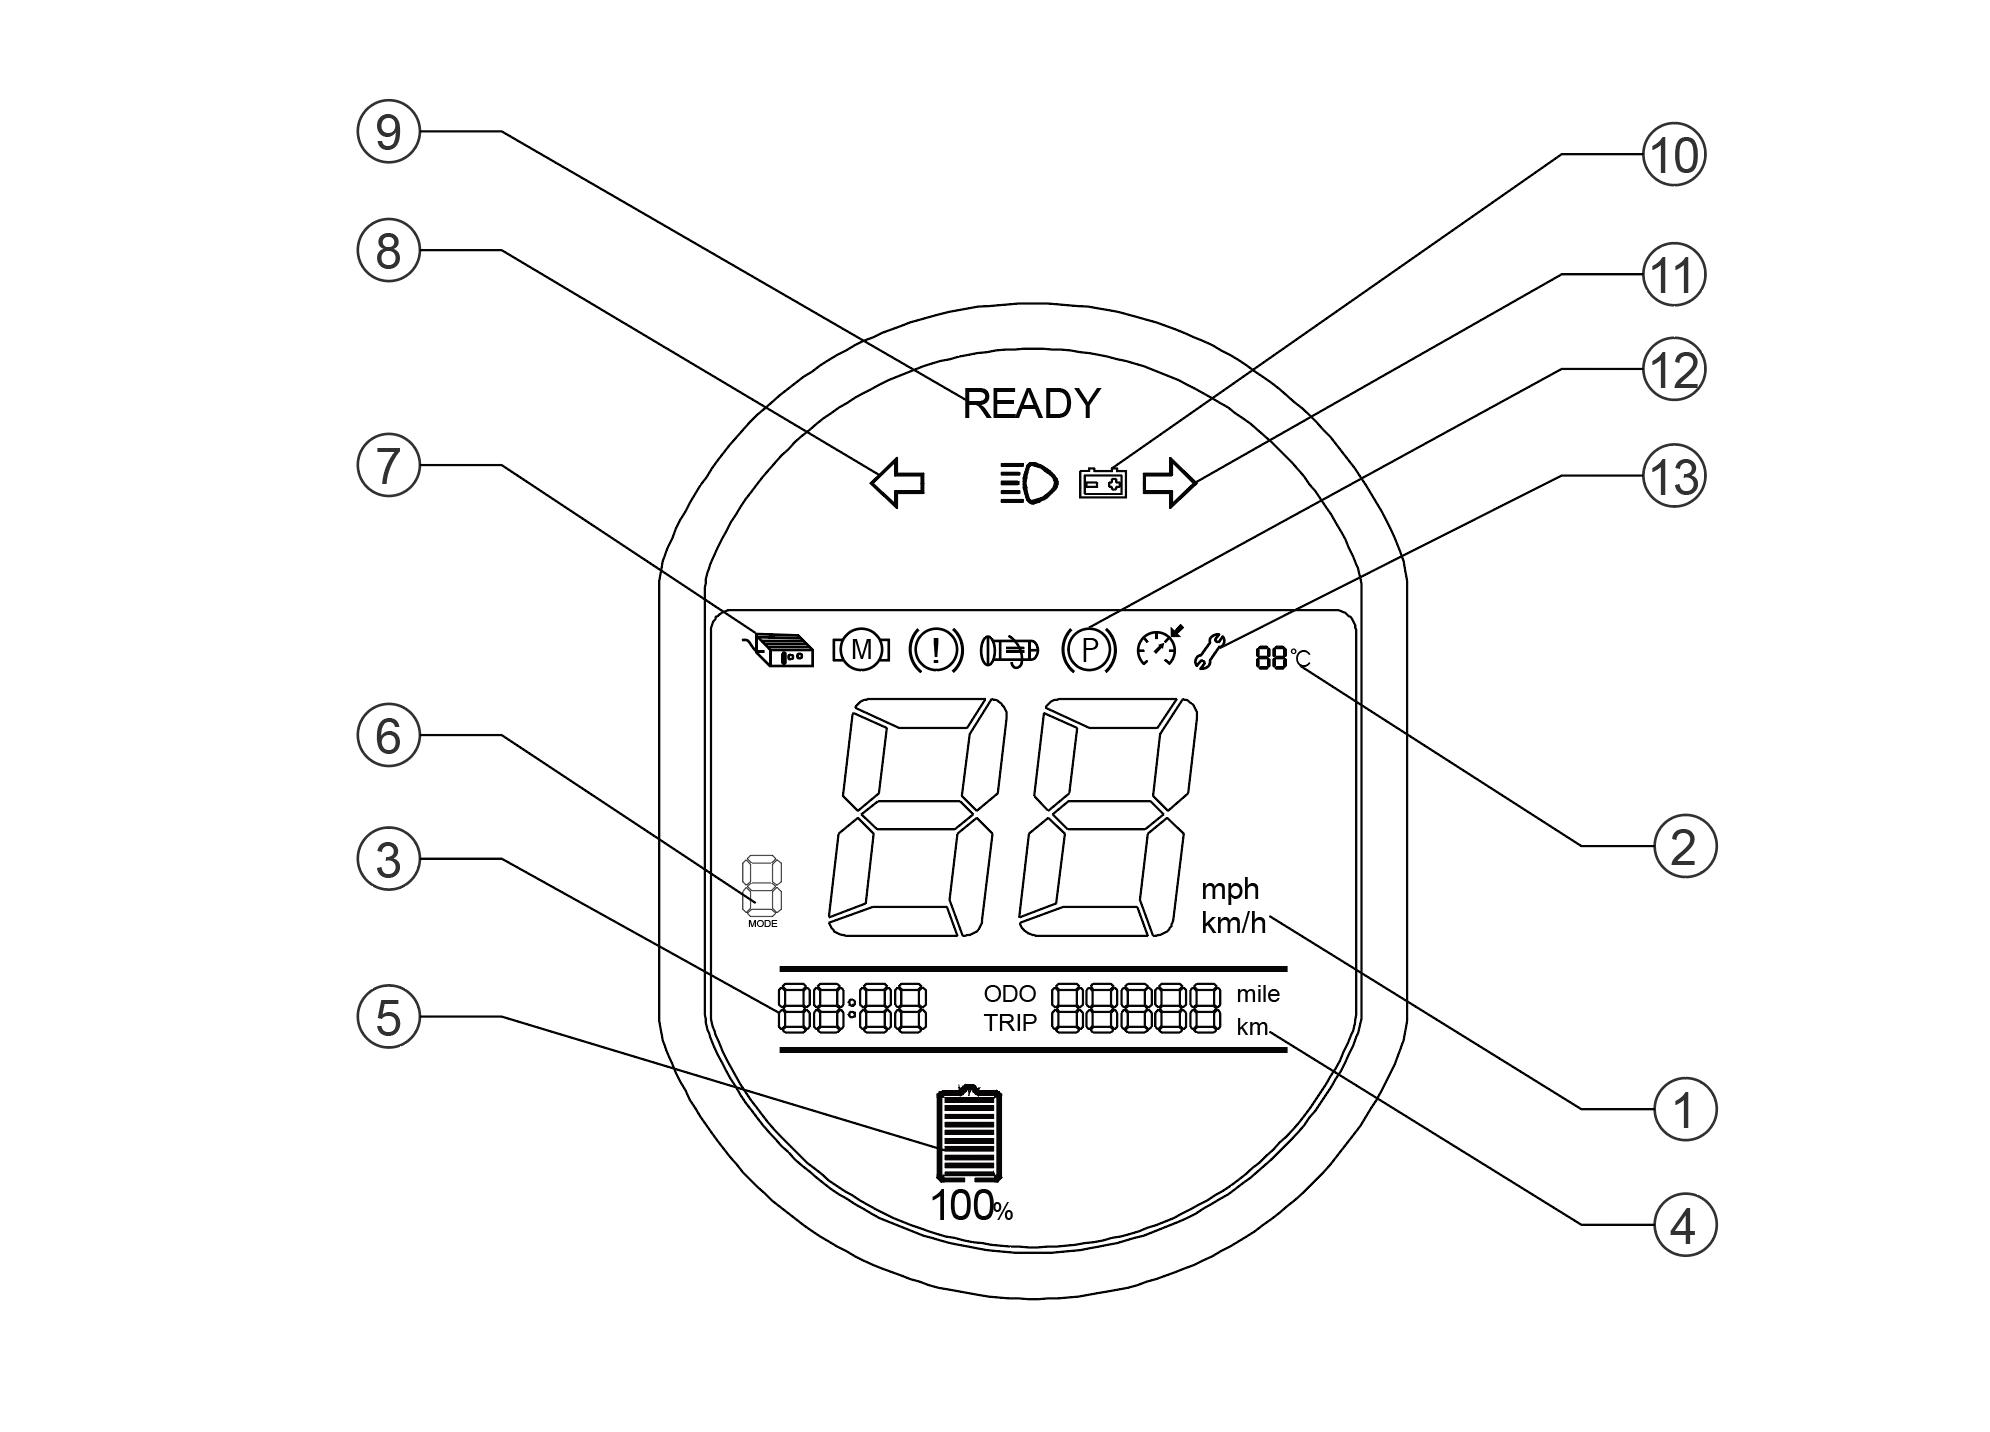 Tacho des Nova Motors S3 Elektro-Motorrollers